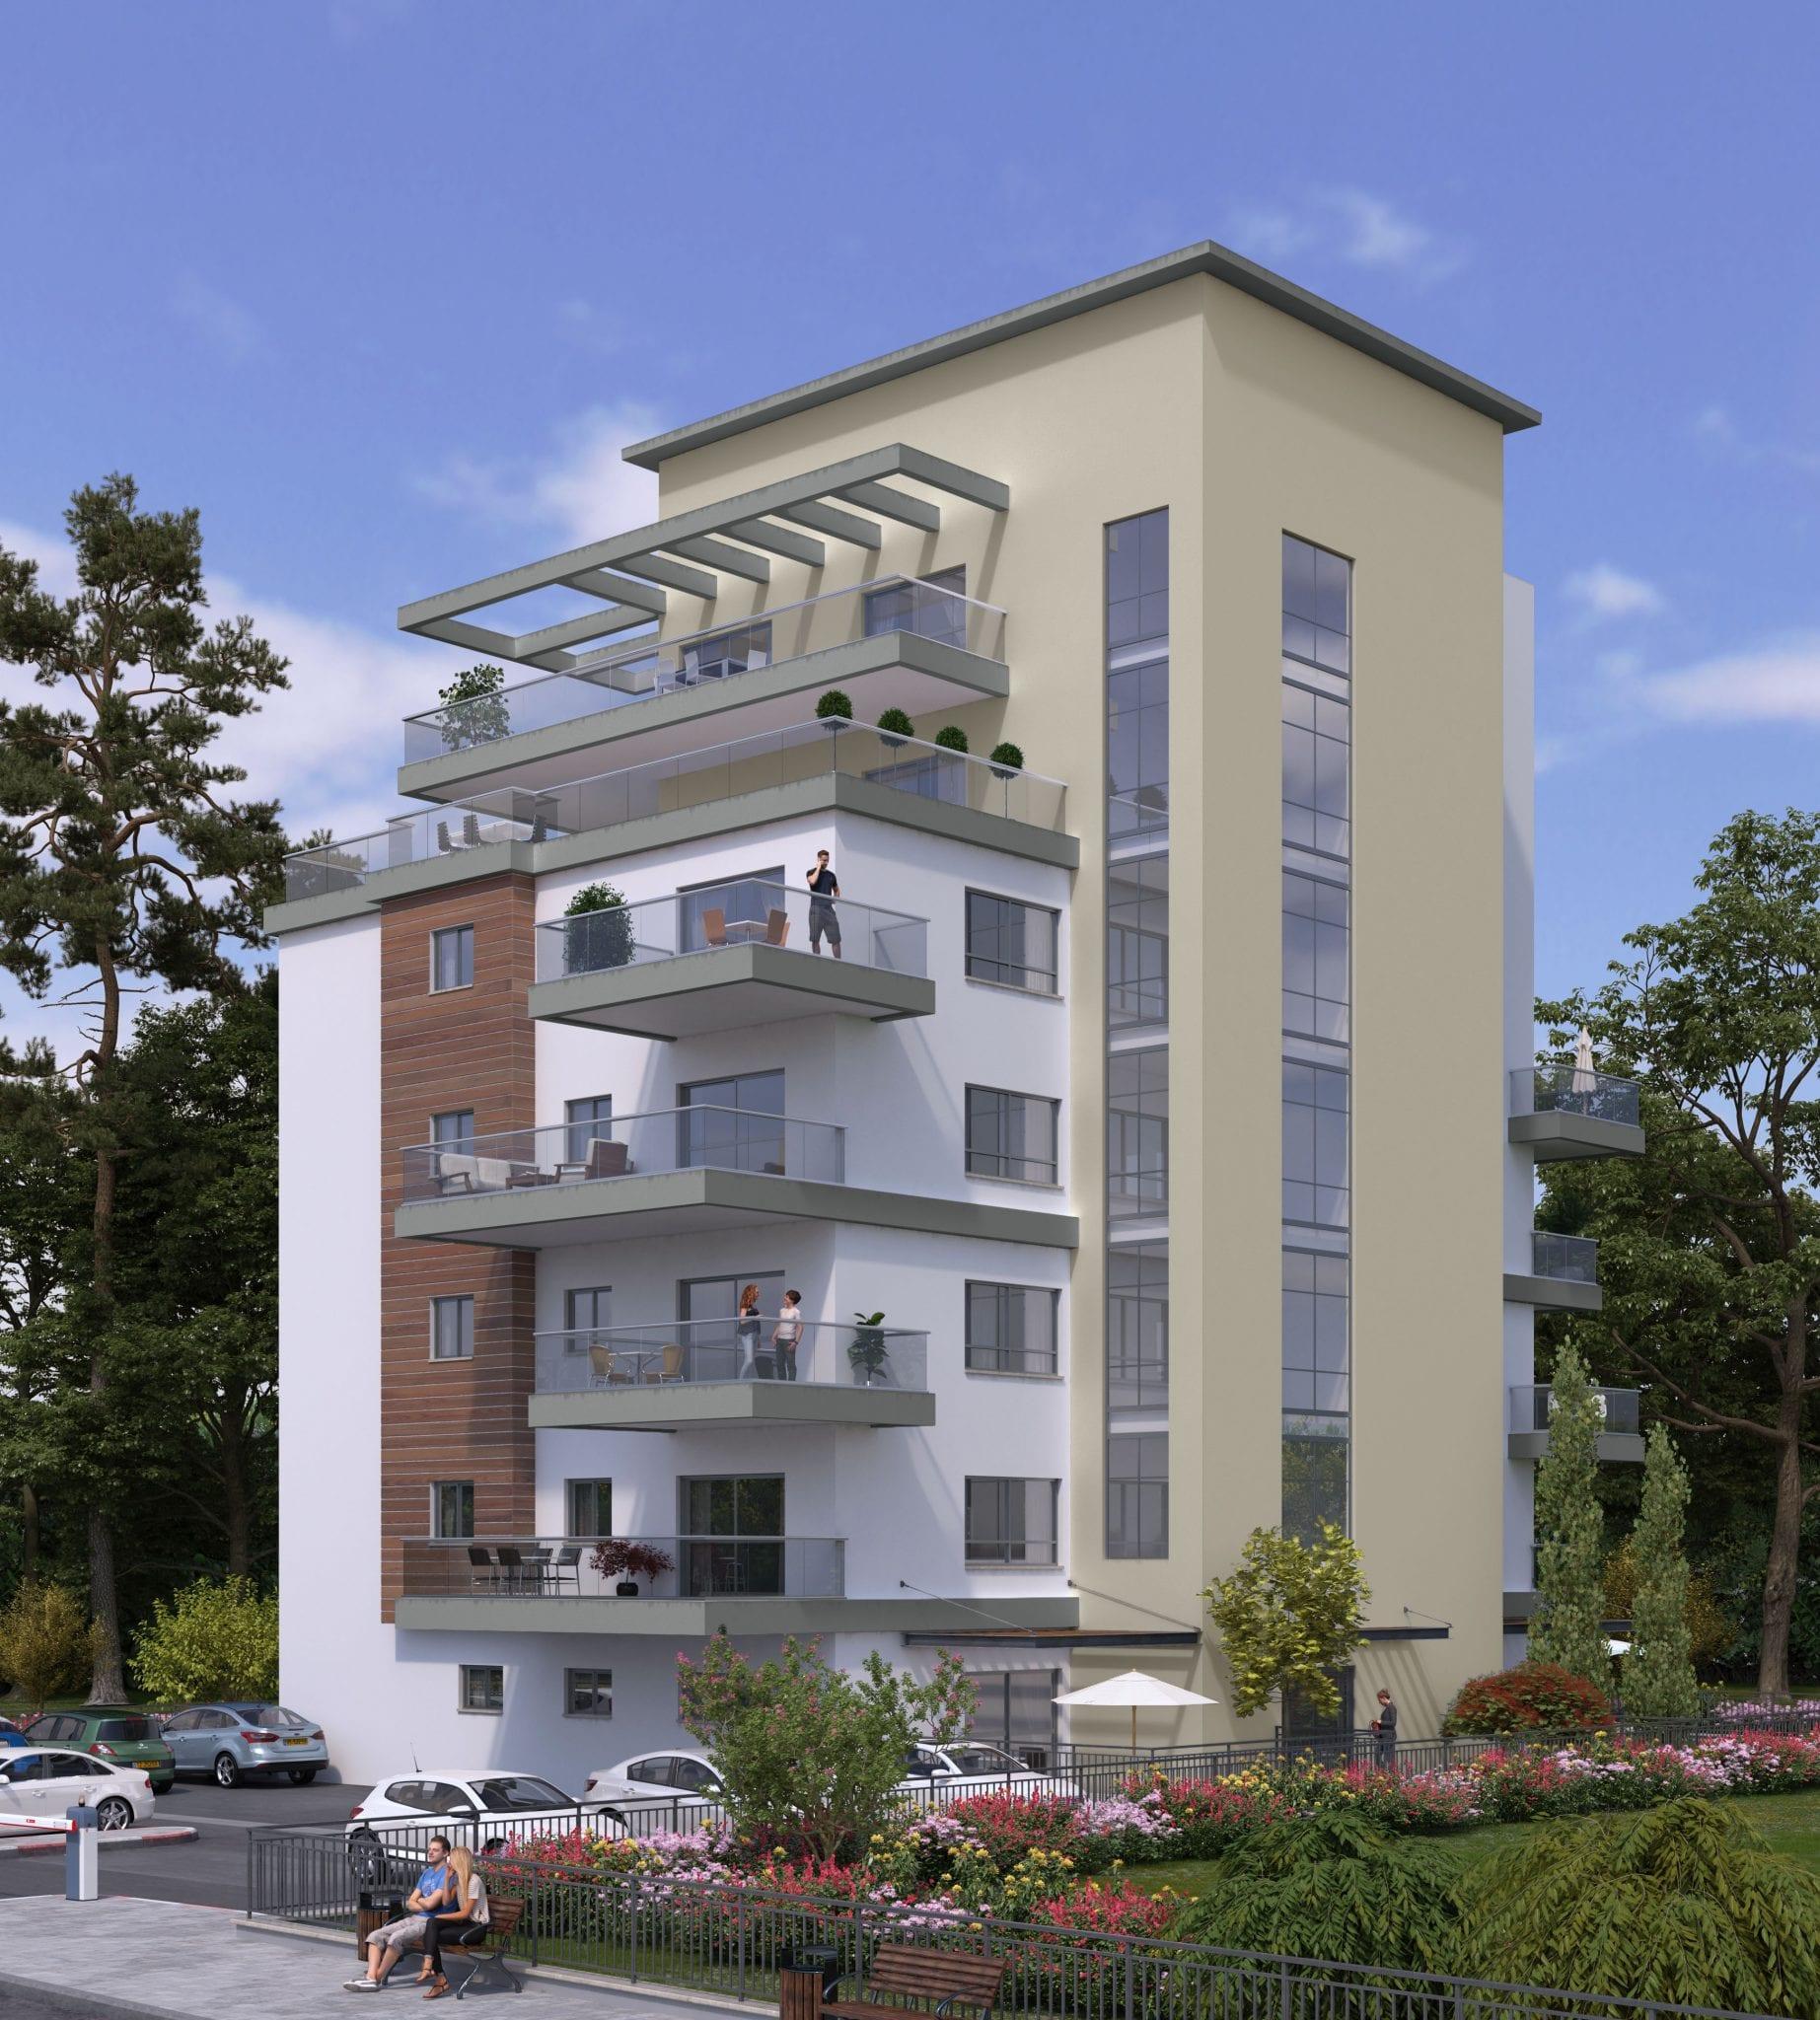 נופים בדרך למרחב - פרויקט בניה חדש בפרדס חנה